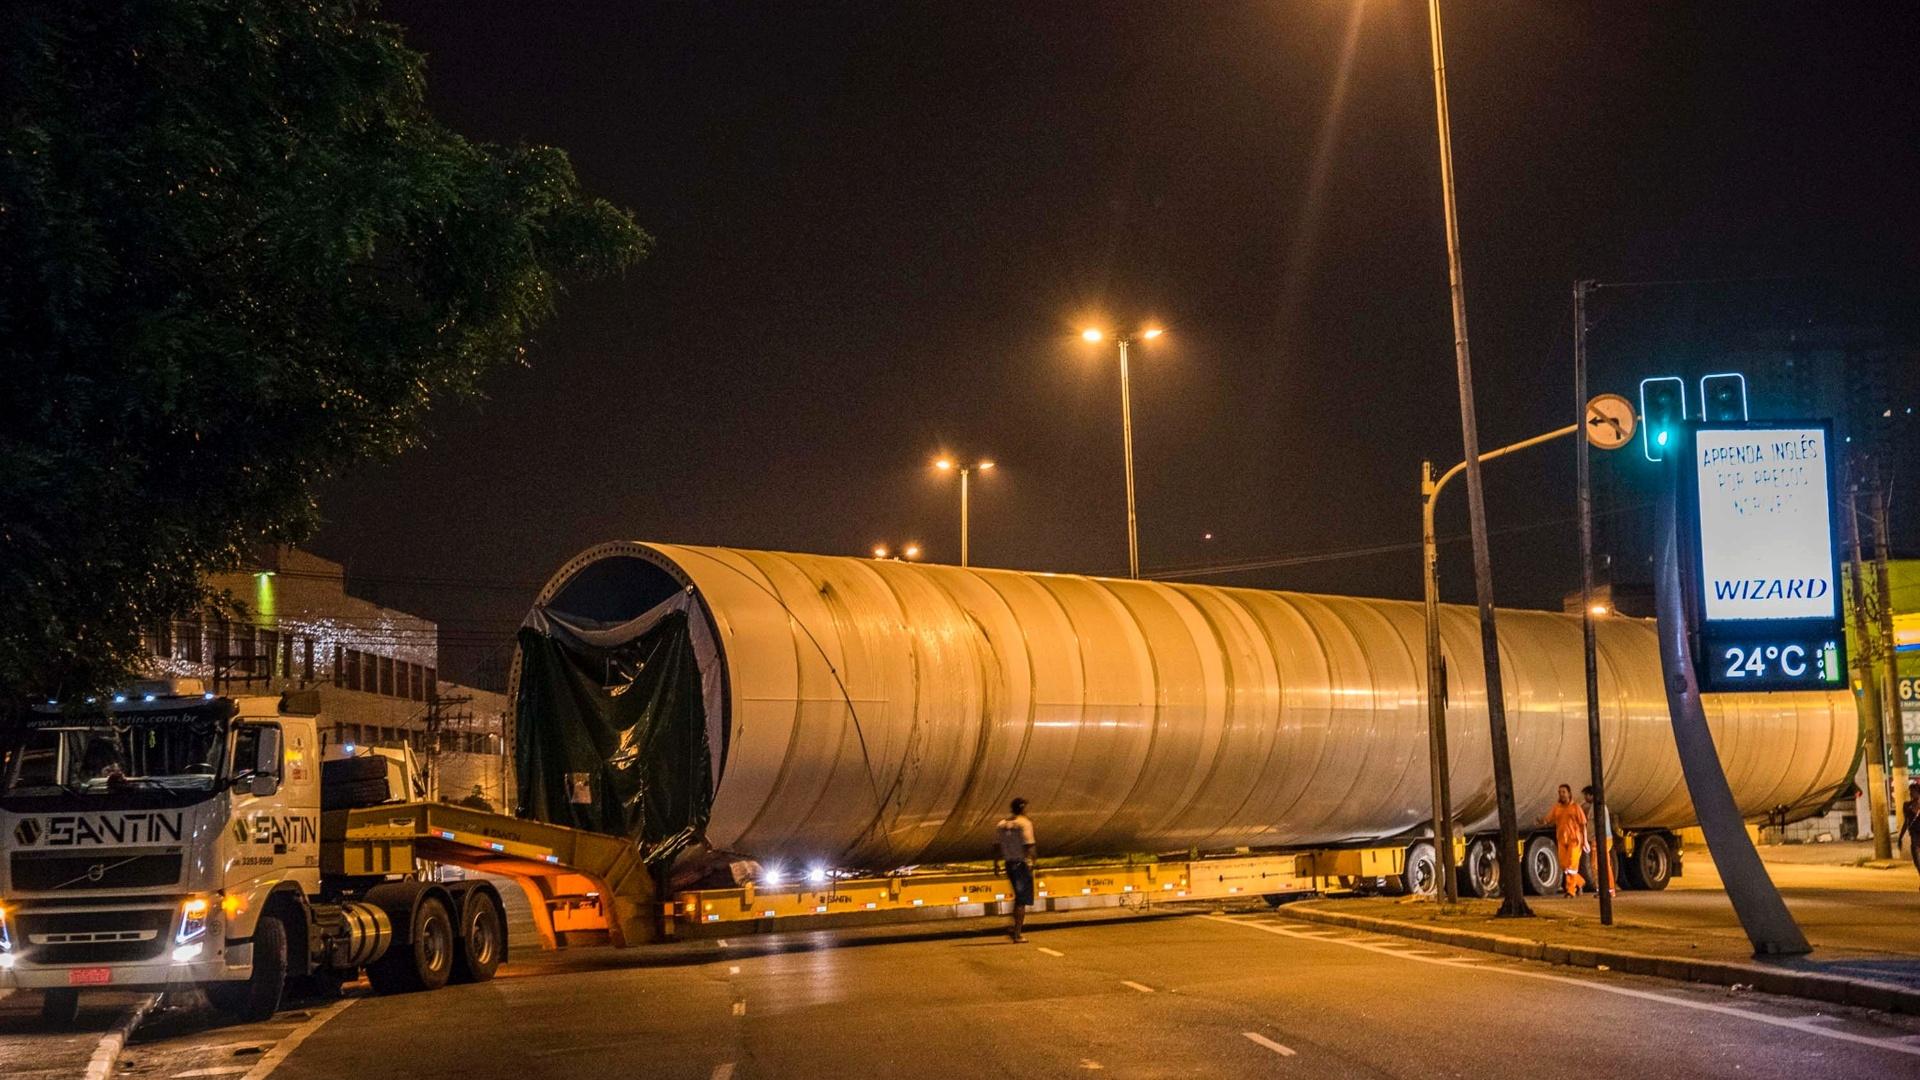 6.mar.2015 - Carreta transportando peça de uma turbina de energia eólica fica presa em cruzamento na zona leste de São Paulo na madrugada desta sexta-feira (6). A ocorrência causou bloqueio total dos dois lados da avenida Airton Pretini, próximo à ponte Aricanduva